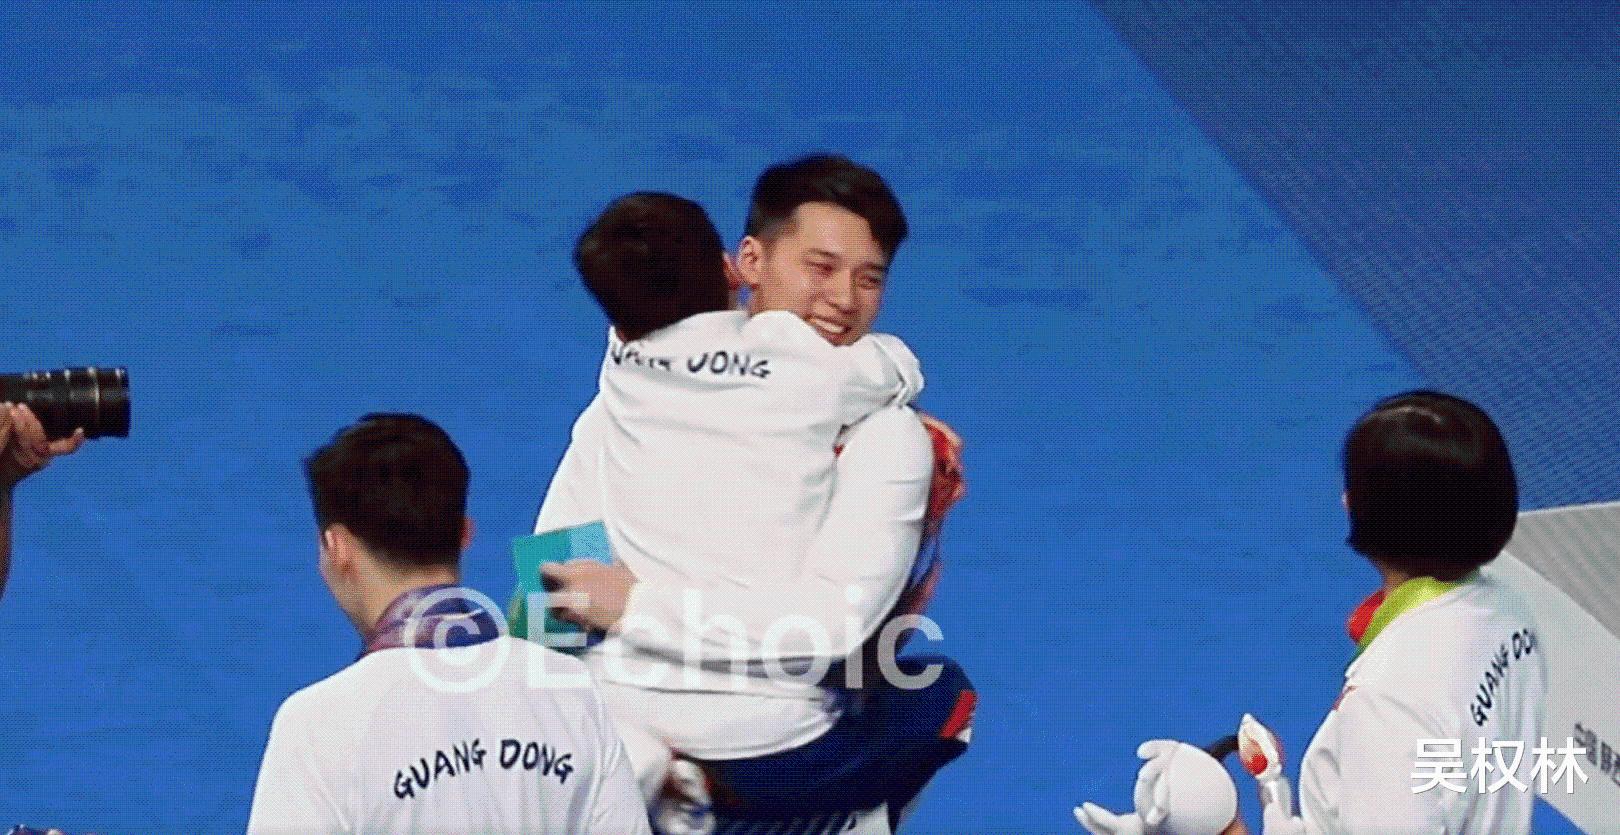 团宠!全红婵被三大奥运冠军熊抱,师哥抱着转圈圈,任茜笑得真甜